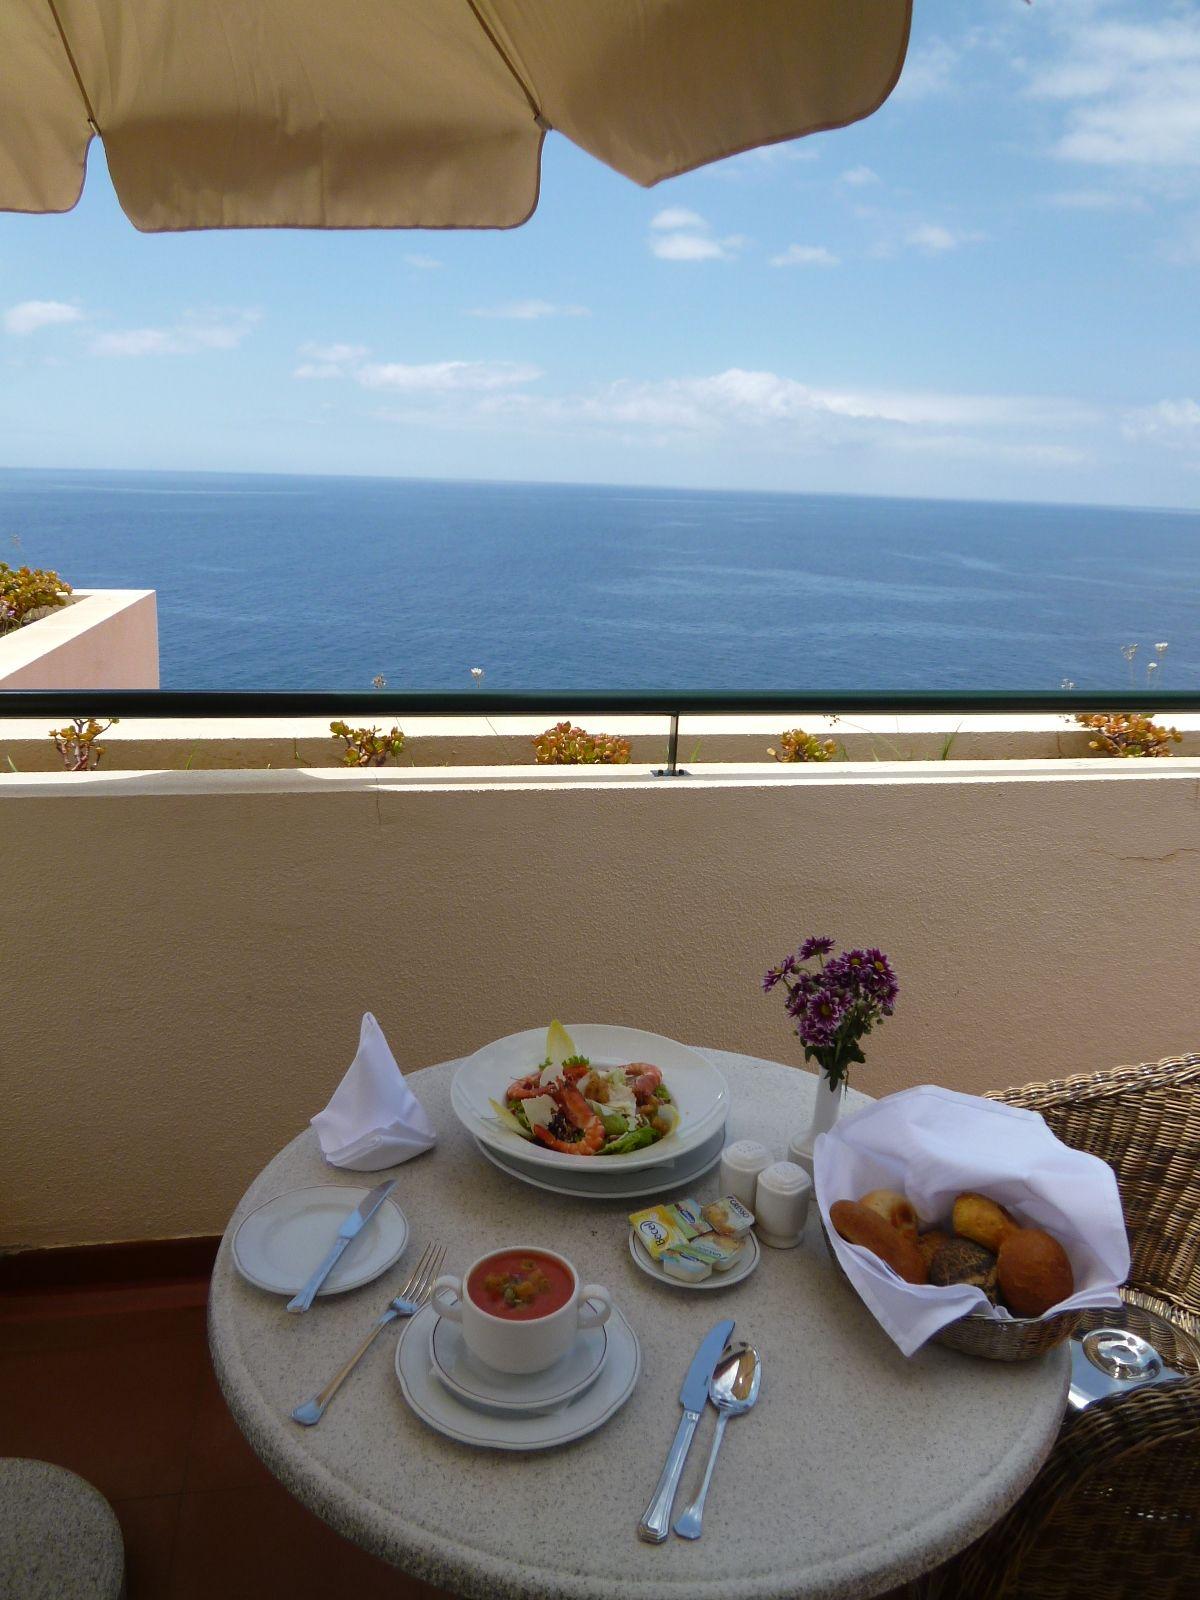 """Pranzo, Camera di """"Cliff Bay Resort Hotel"""", Funchal Madeira Portugal (Luglio)"""